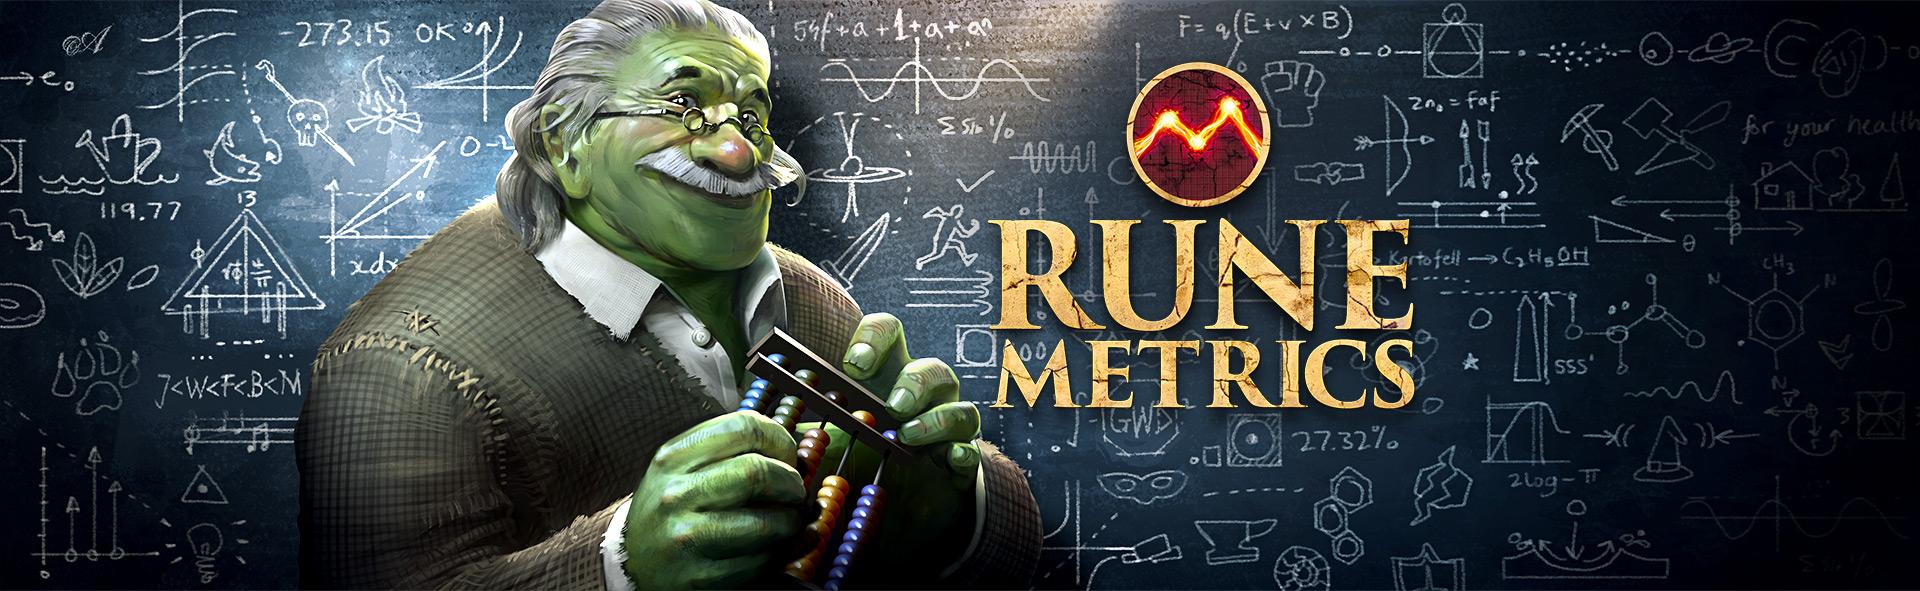 RuneMetrics